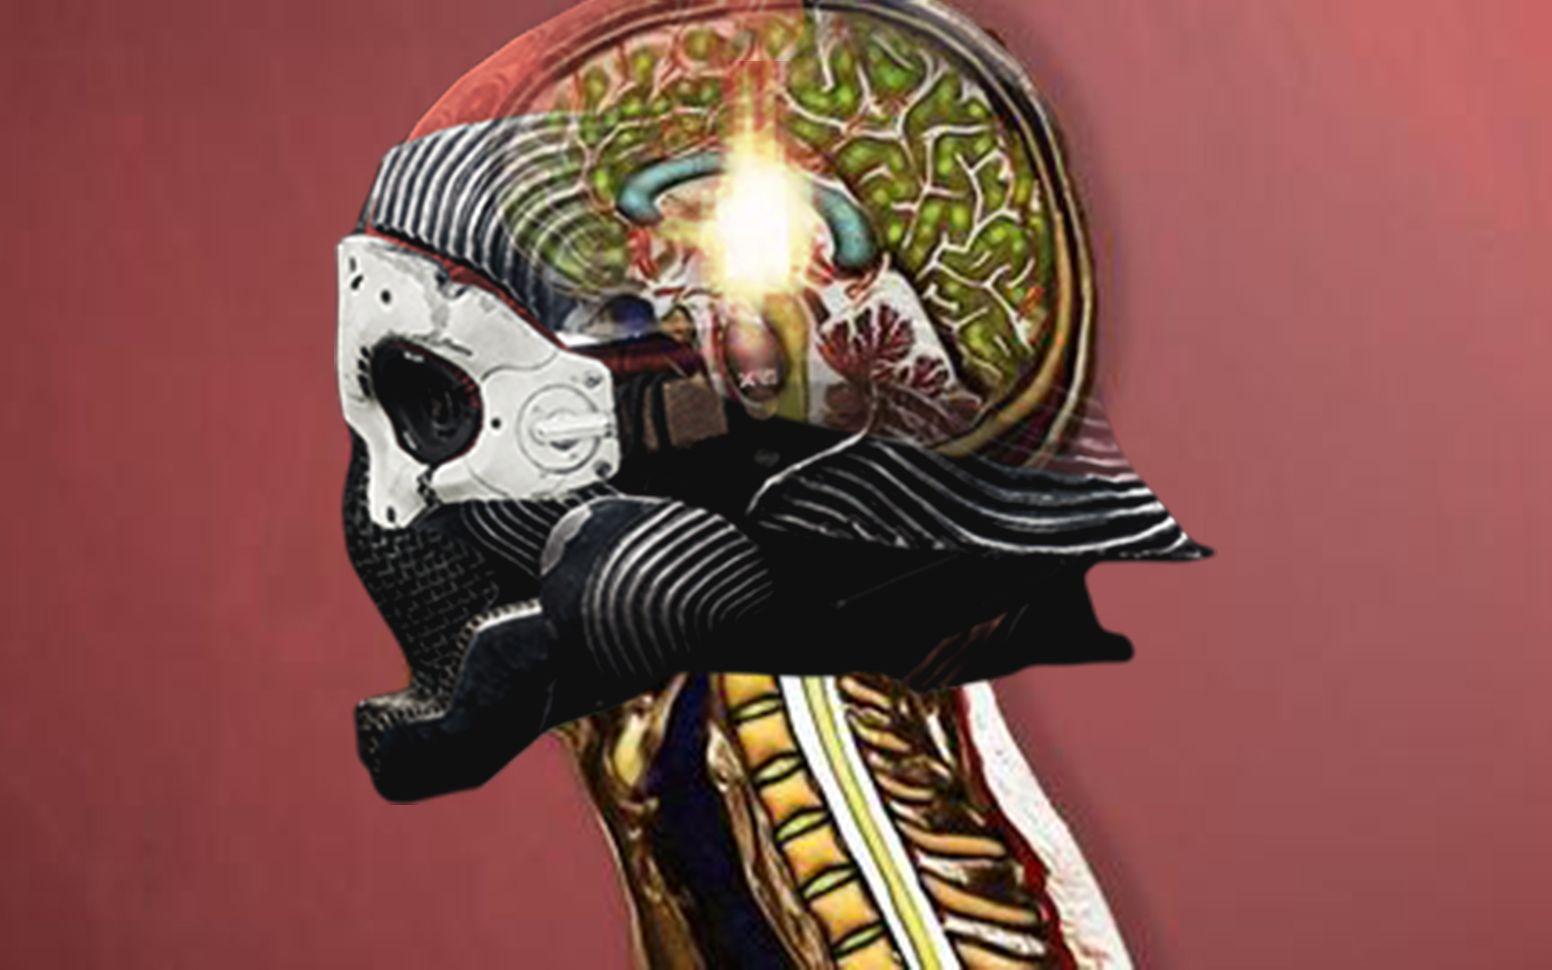 【命运2】一名噶点打错了神谕,这是他大脑发生的变化